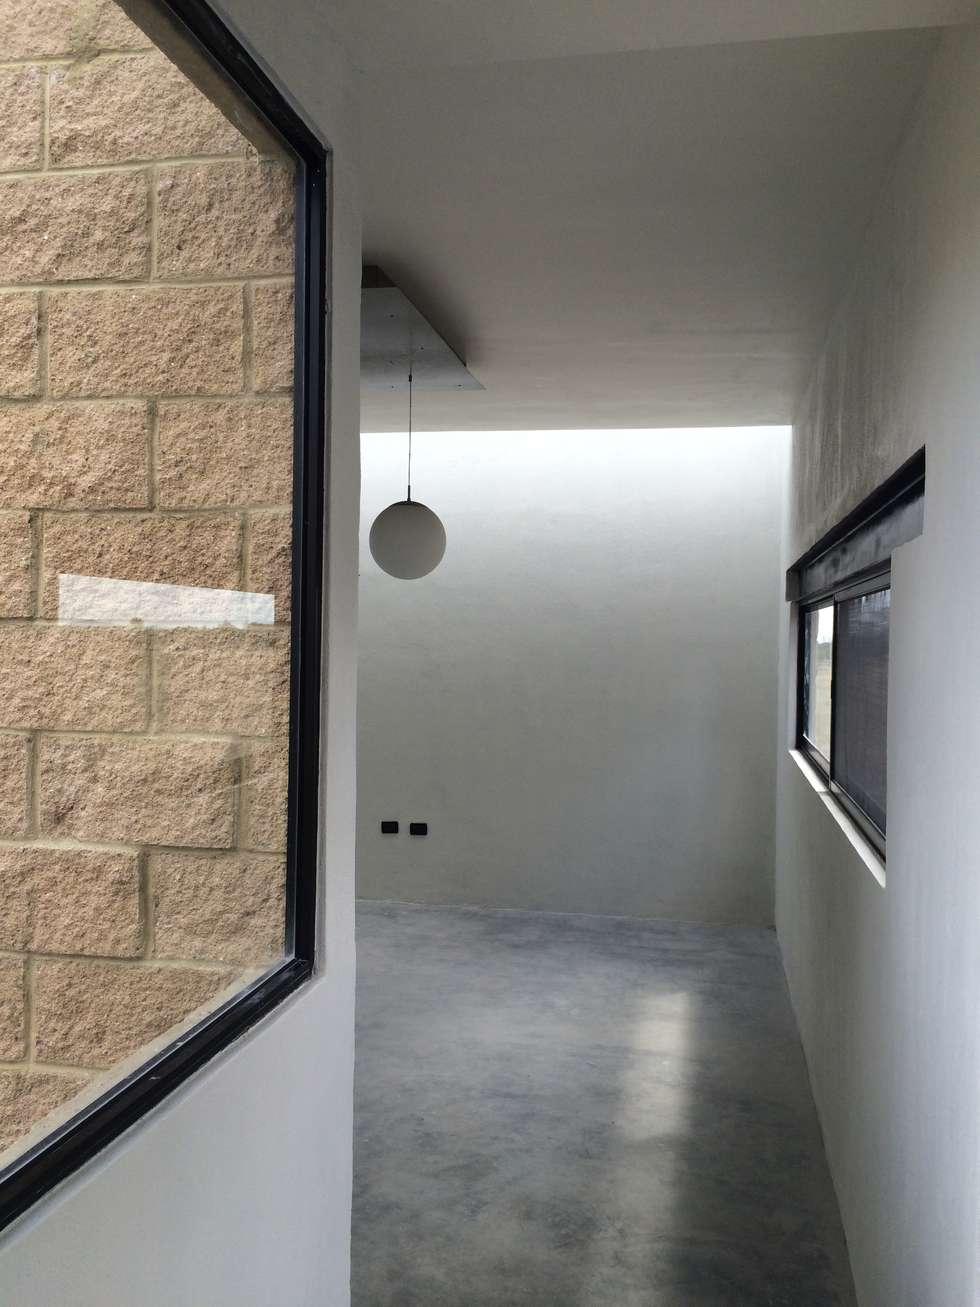 Sala con iluminación cenital, acabados claros y piso de concreto.: Salas de estilo rural por Paramétrica Arquitectos